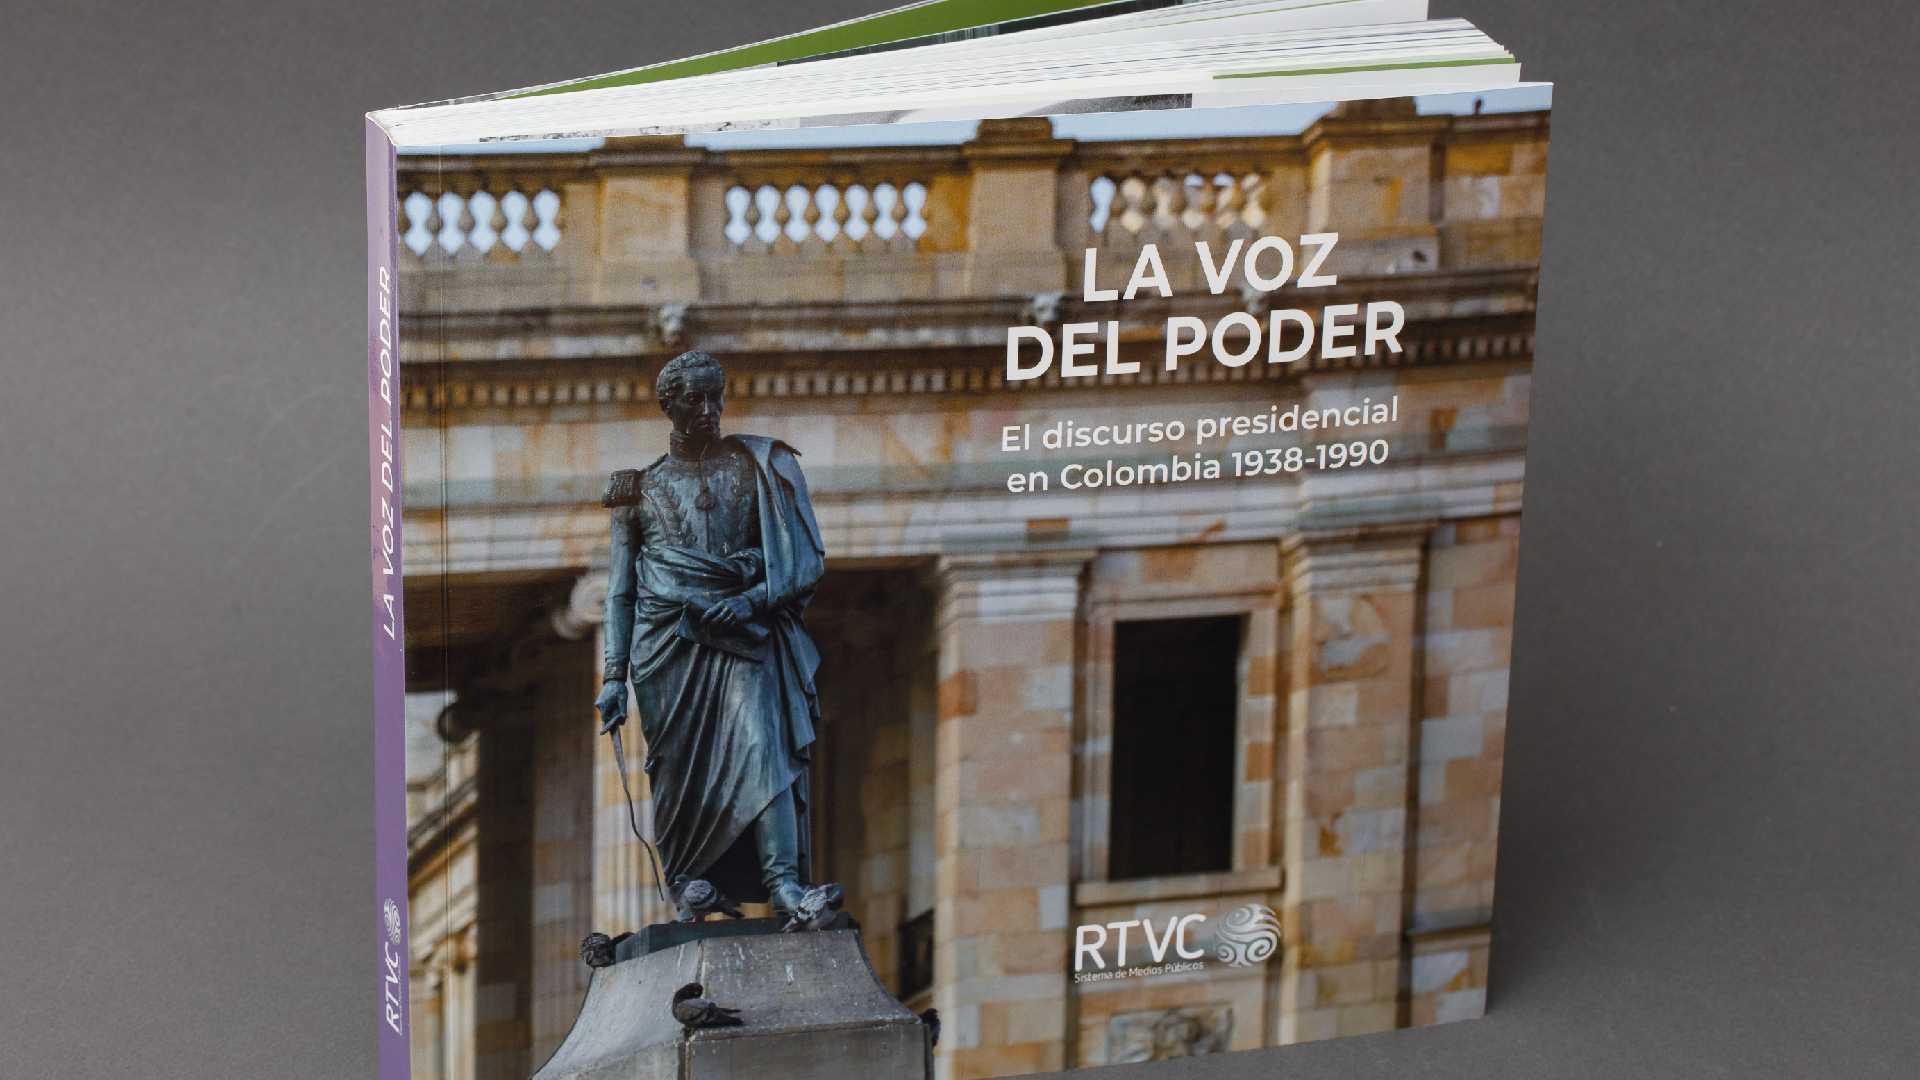 La voz del poder, libro de Señal Memoria sobre los discursos presidenciales